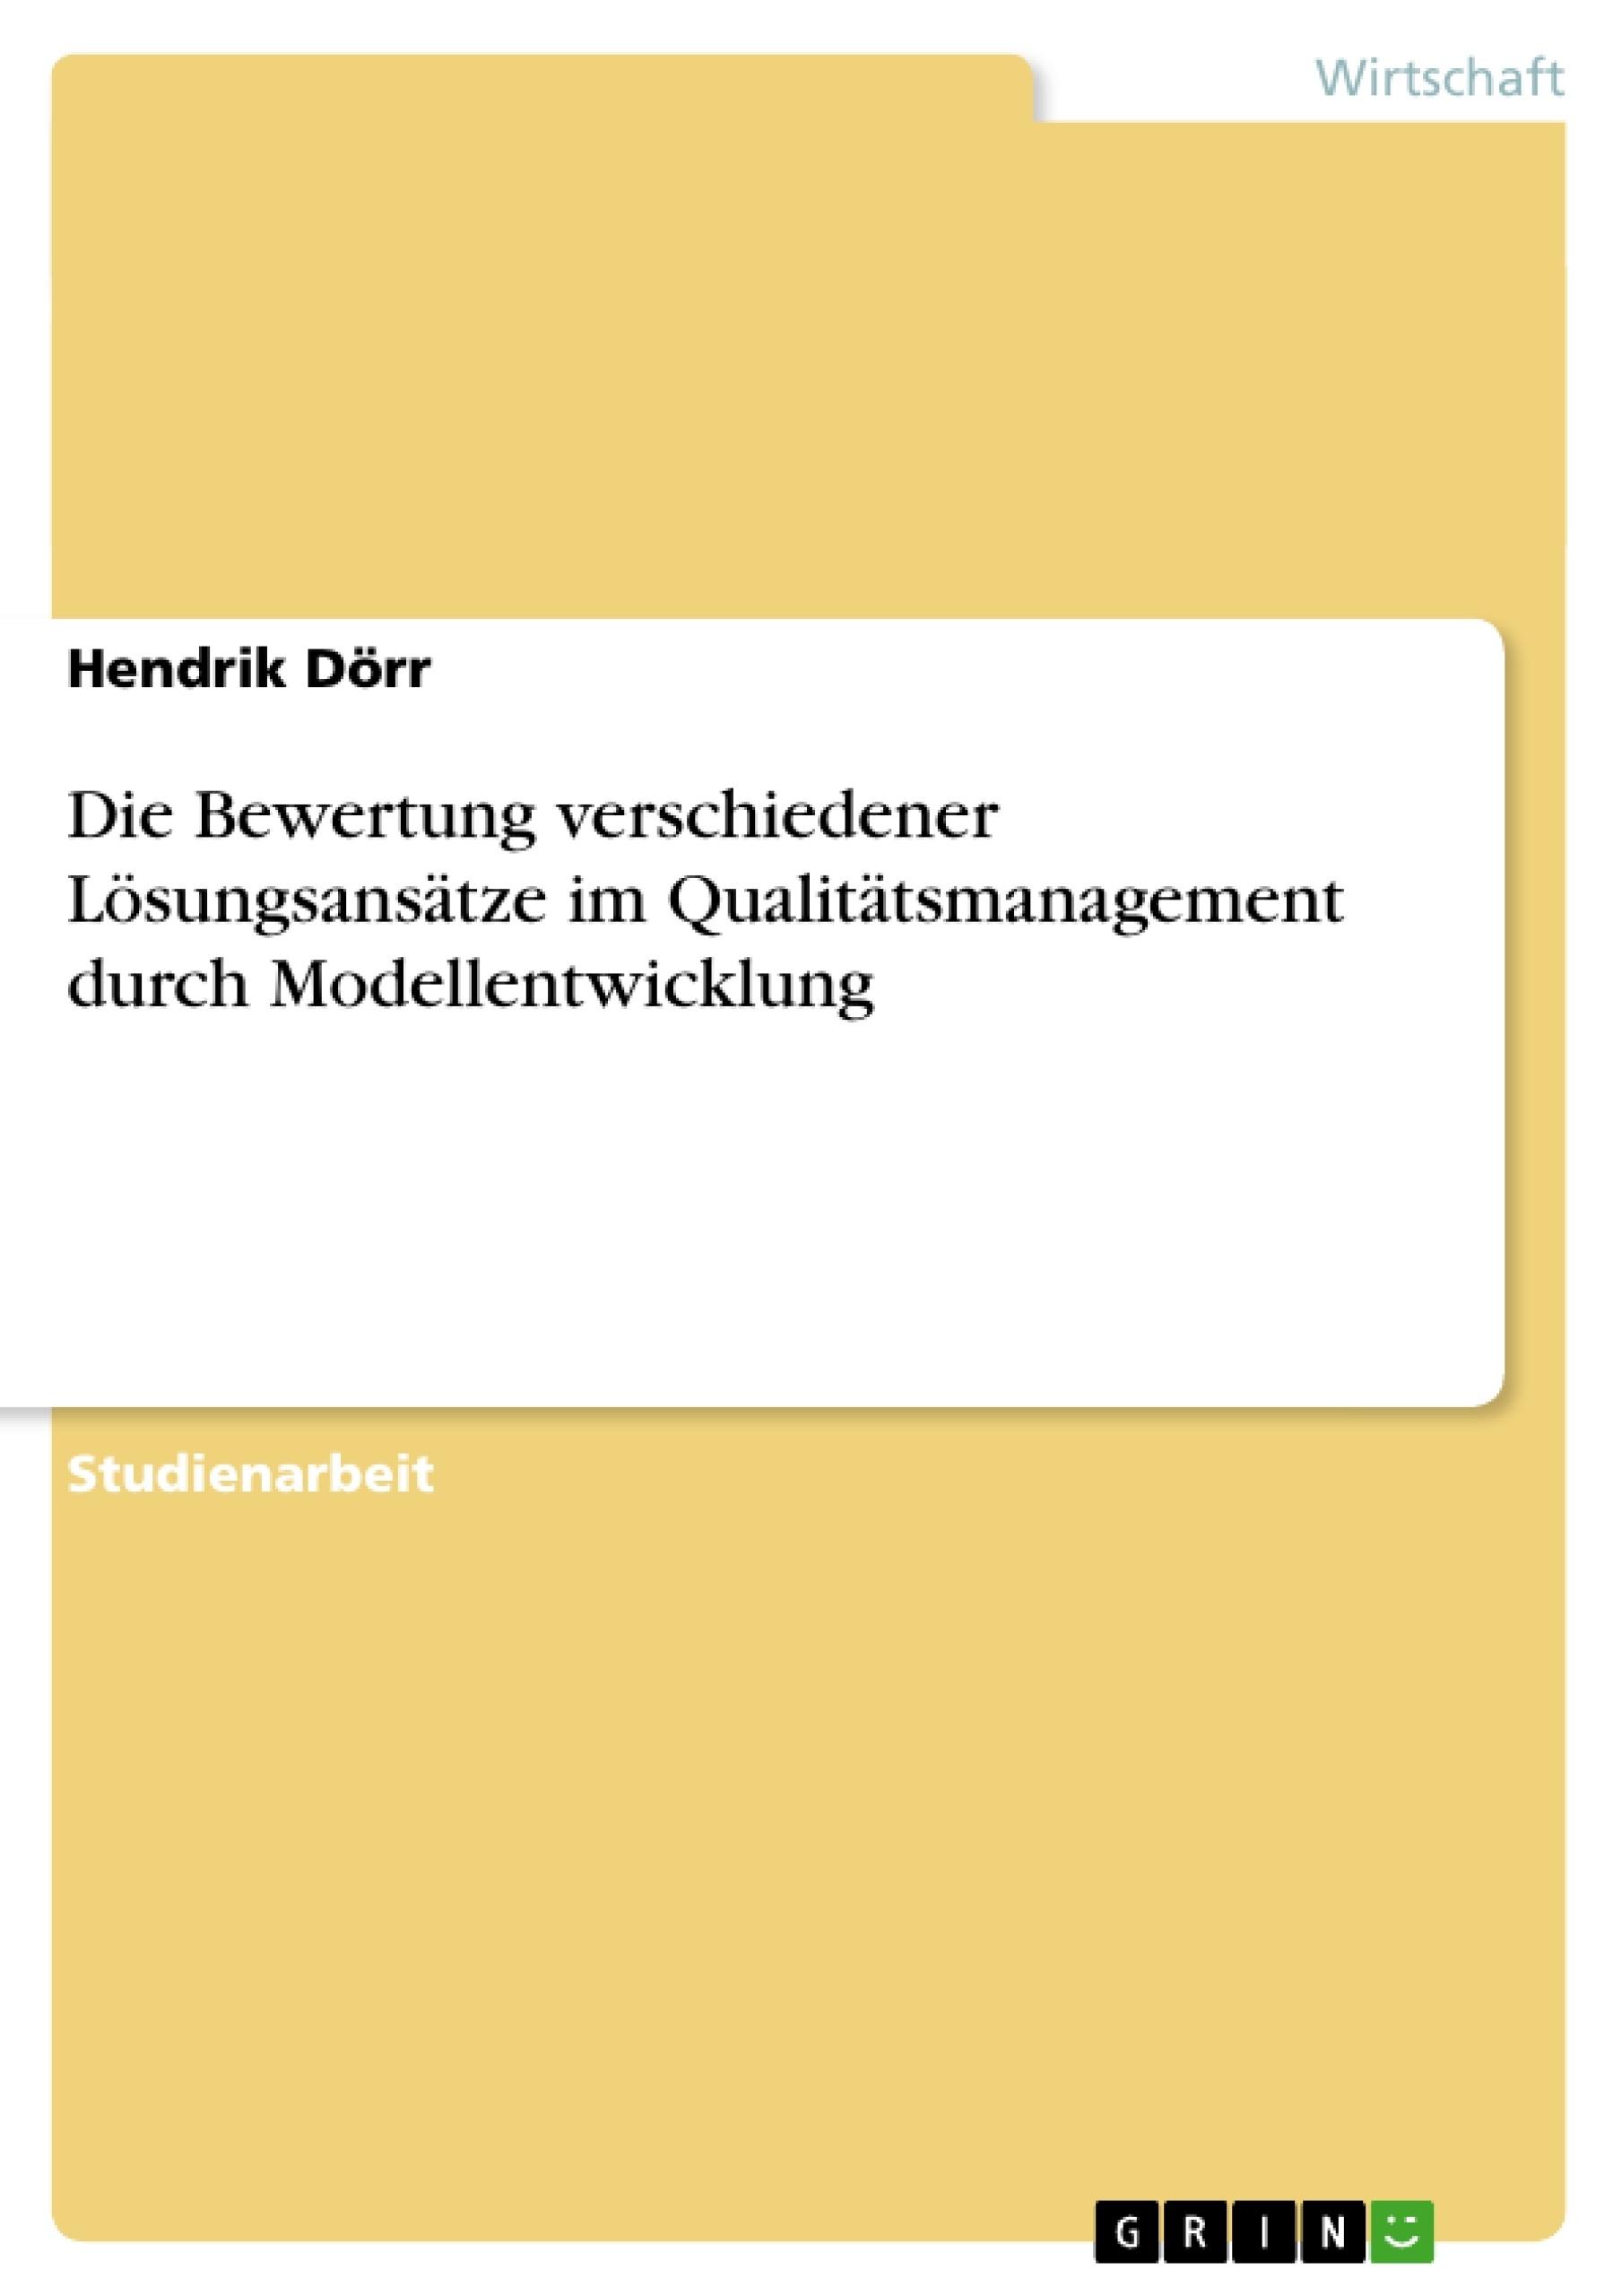 Titel: Die Bewertung verschiedener Lösungsansätze im Qualitätsmanagement durch Modellentwicklung